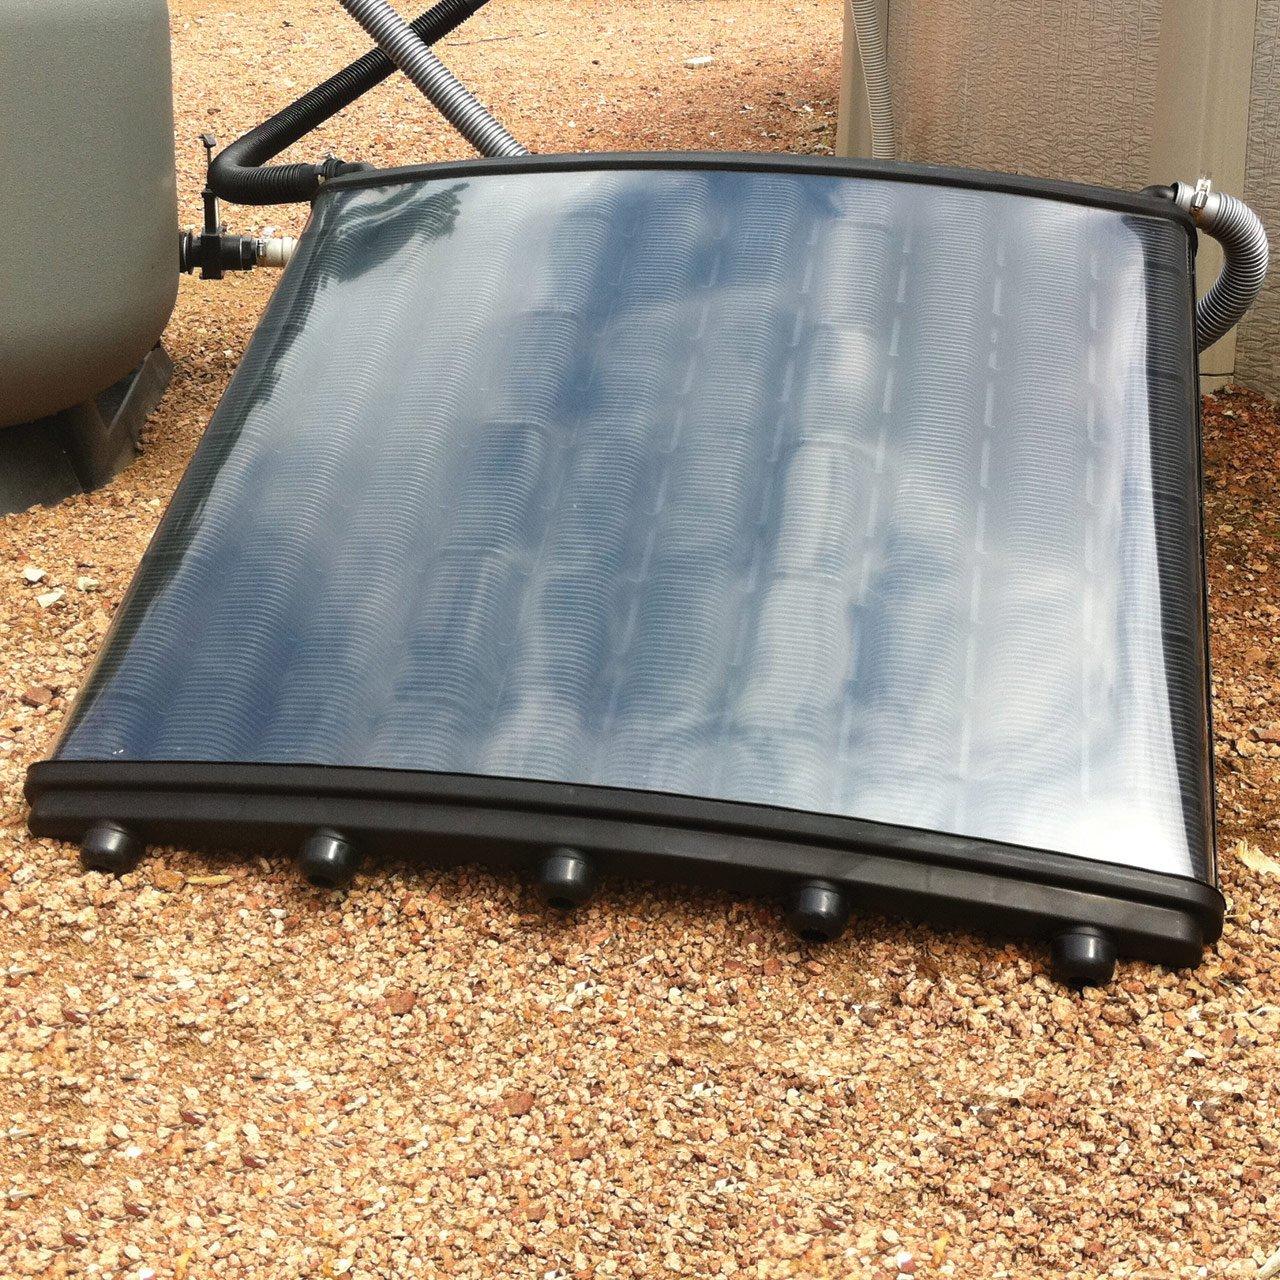 सर्वश्रेष्ठ सौर जल हीटर